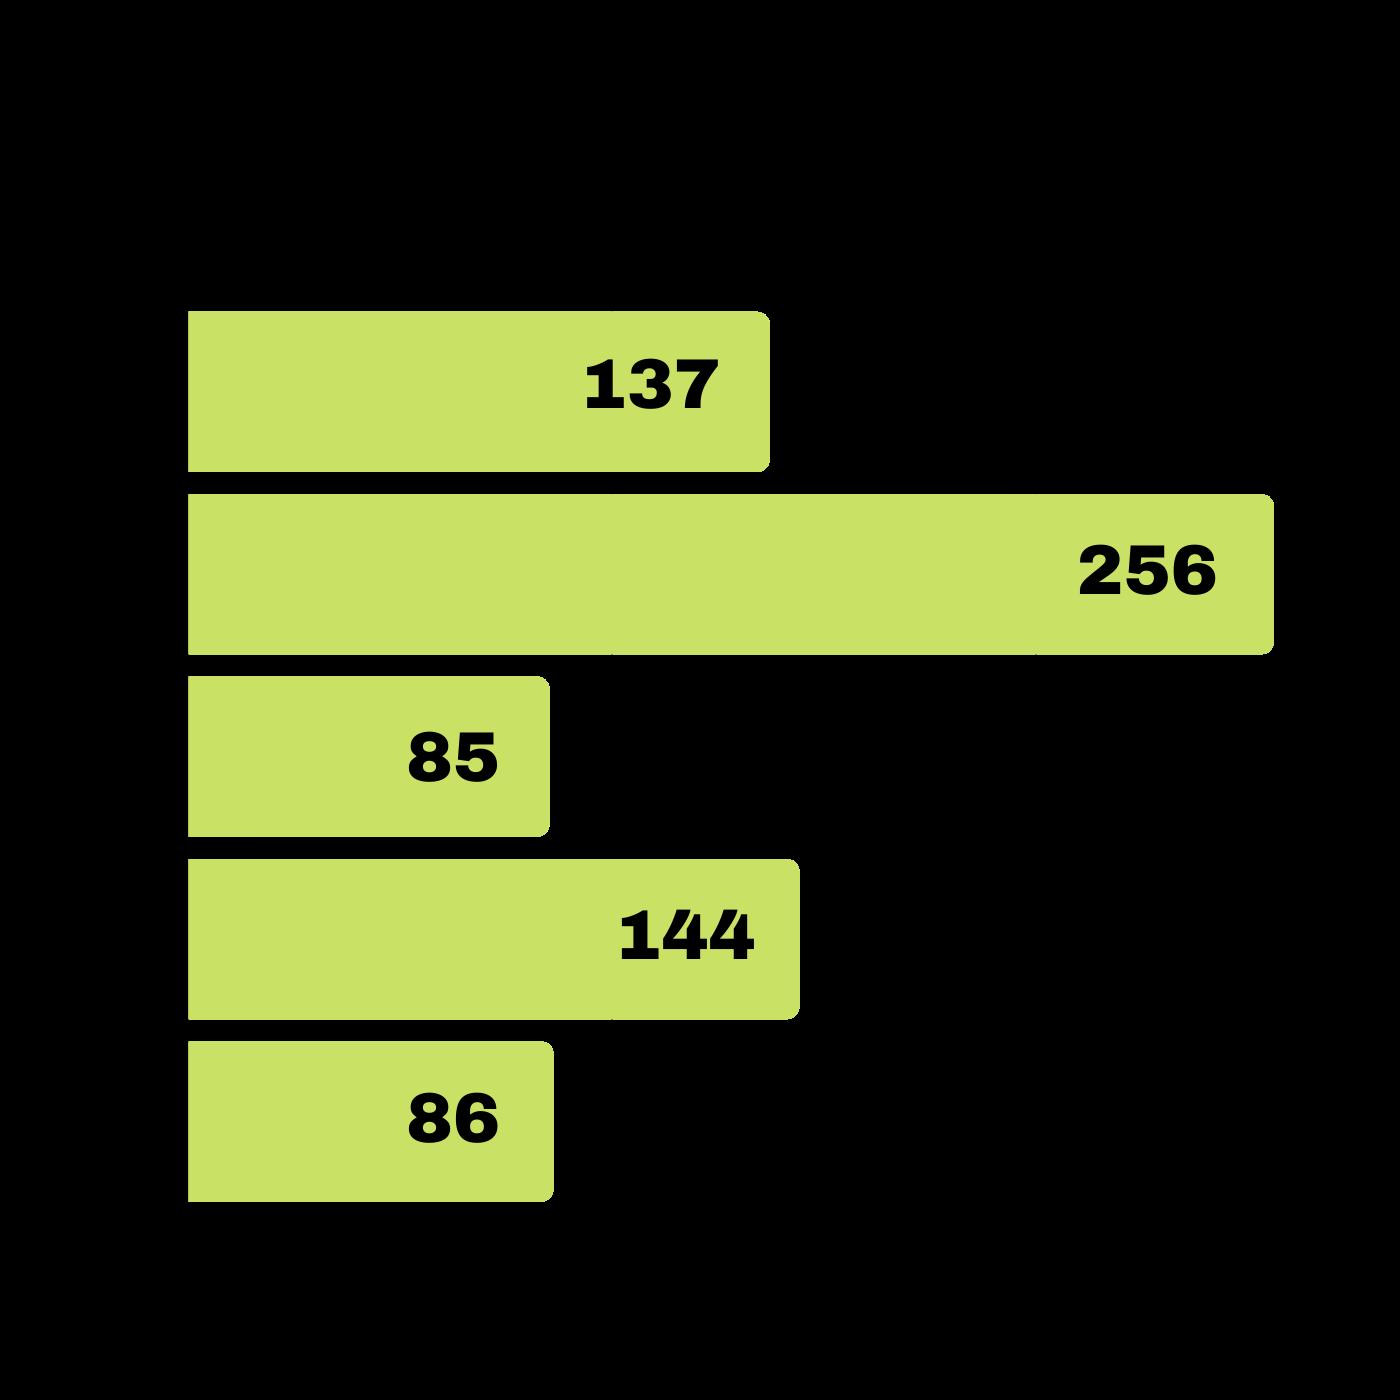 El Incremento De La Seguridad El Decrecimiento De Robos Y Hurtos En Santa Tecla. Robos comunes 2015 2019. Infografía. Roberto d'Aubuisson. 2020